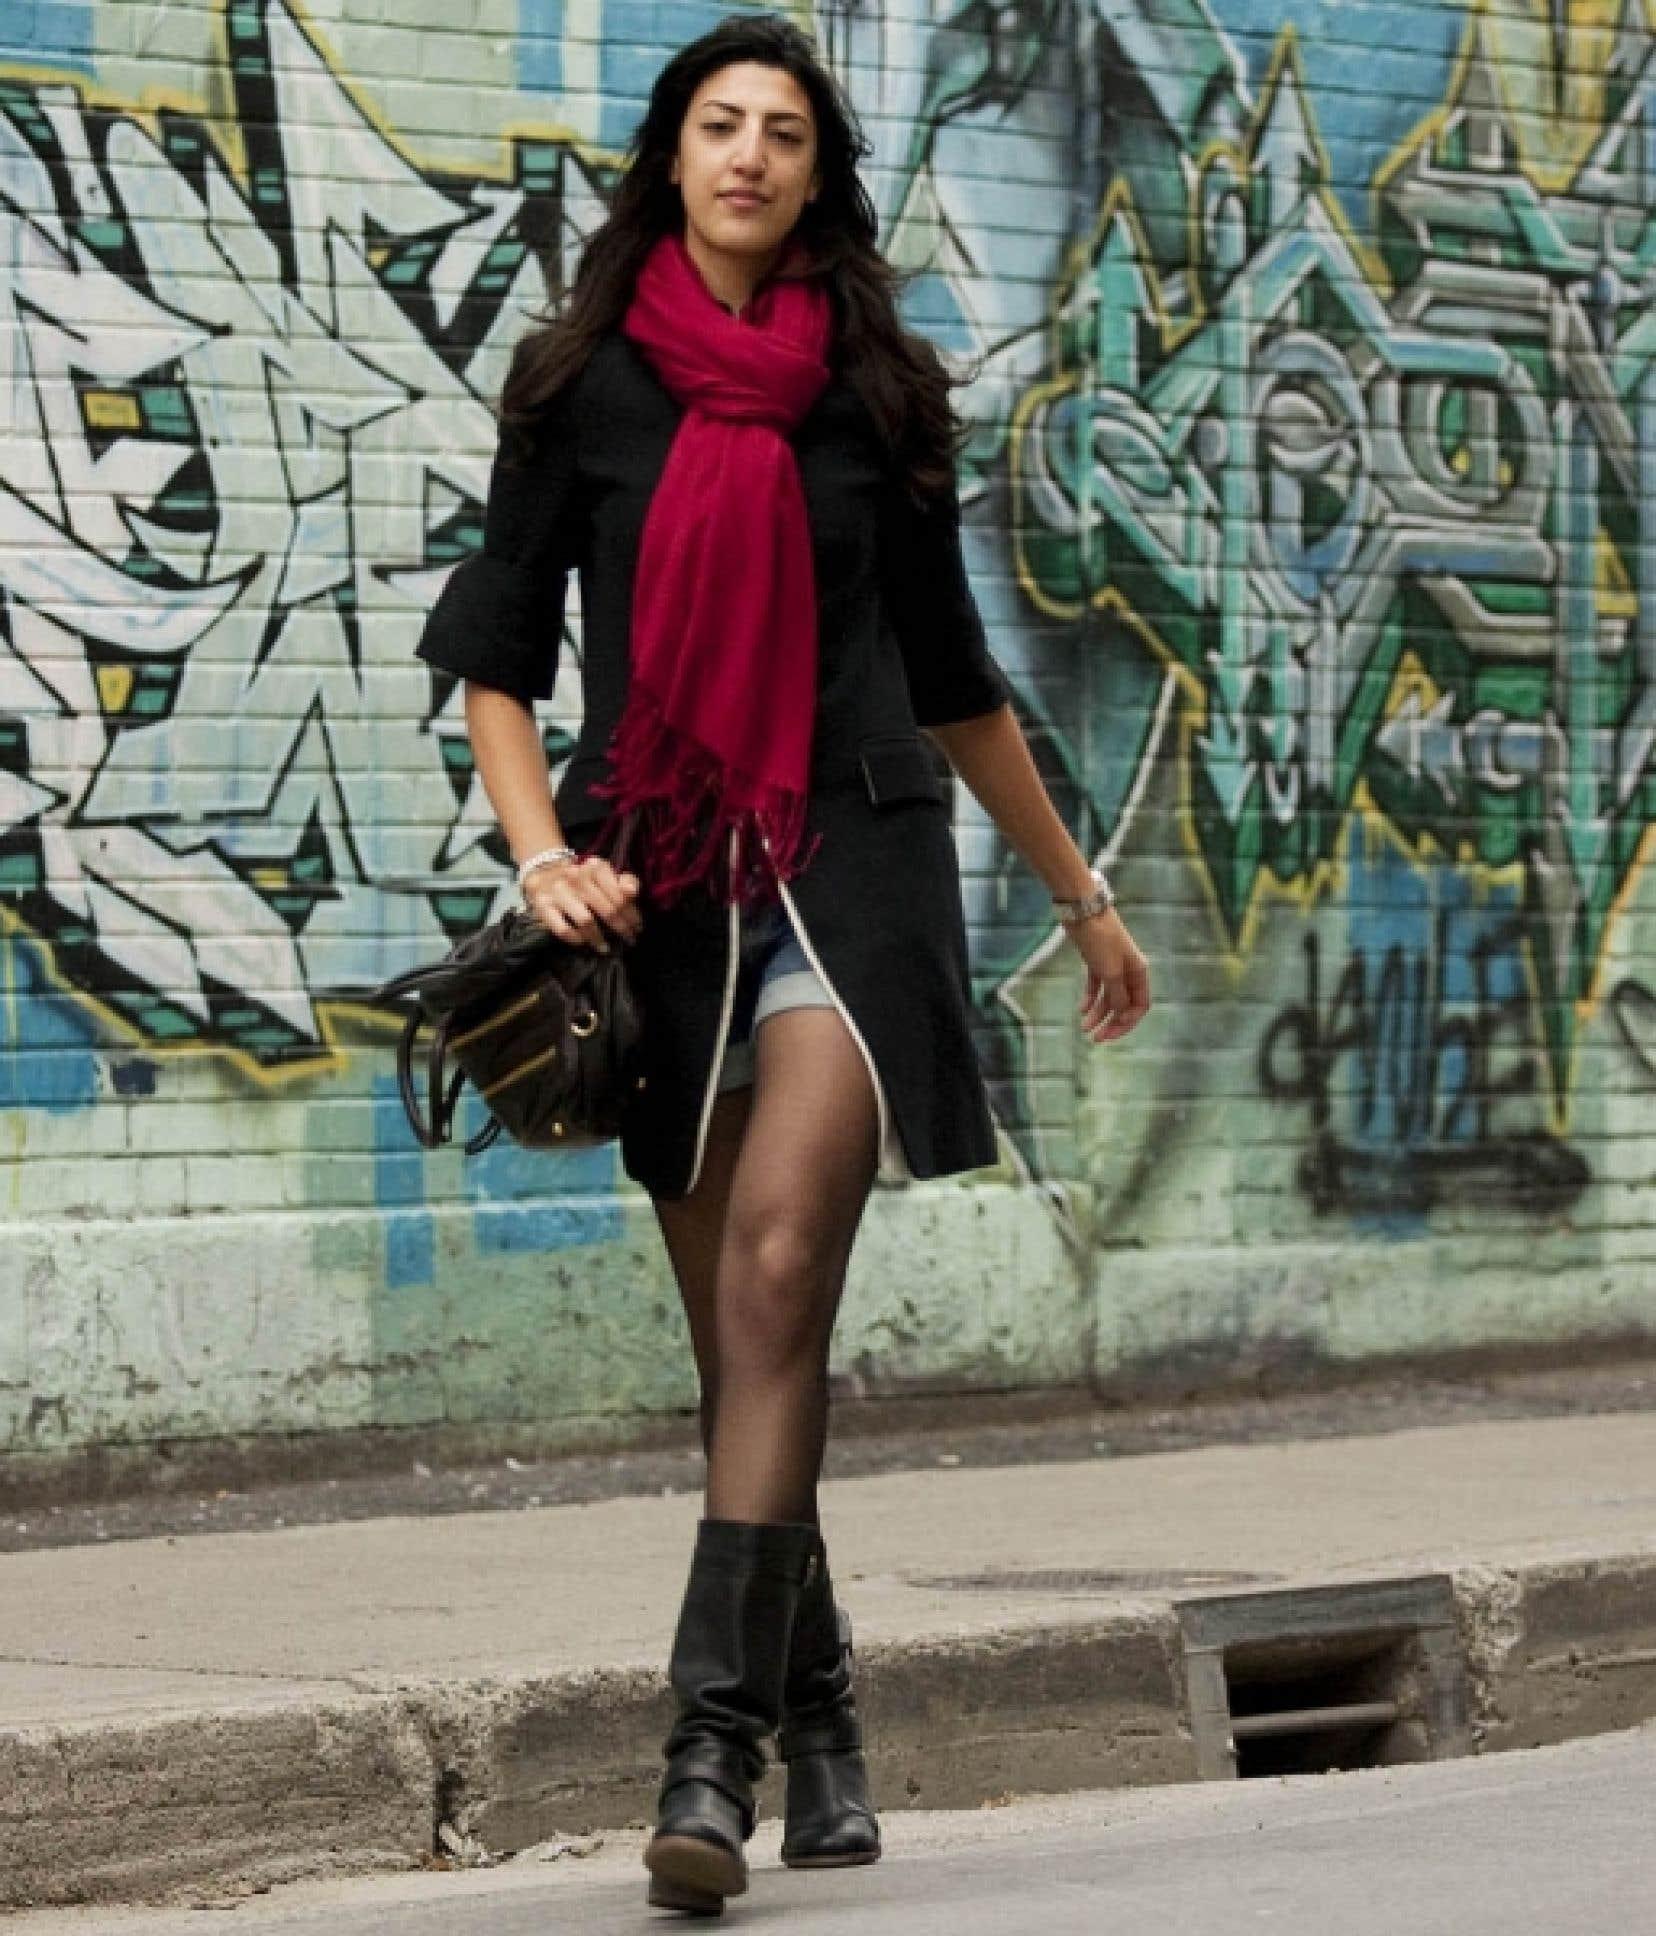 Les femmes recherchent l'excentricité afin de se sentir uniques, estime Mariette Julien, chercheuse à l'UQAM et auteure de l'Éthique de la mode féminine, un recueil de textes publié récemment aux Presses universitaires de France (PUF). «Cette recherche d'exclusivité fait écho à l'importance du moi dans nos sociétés individualistes.» <br />